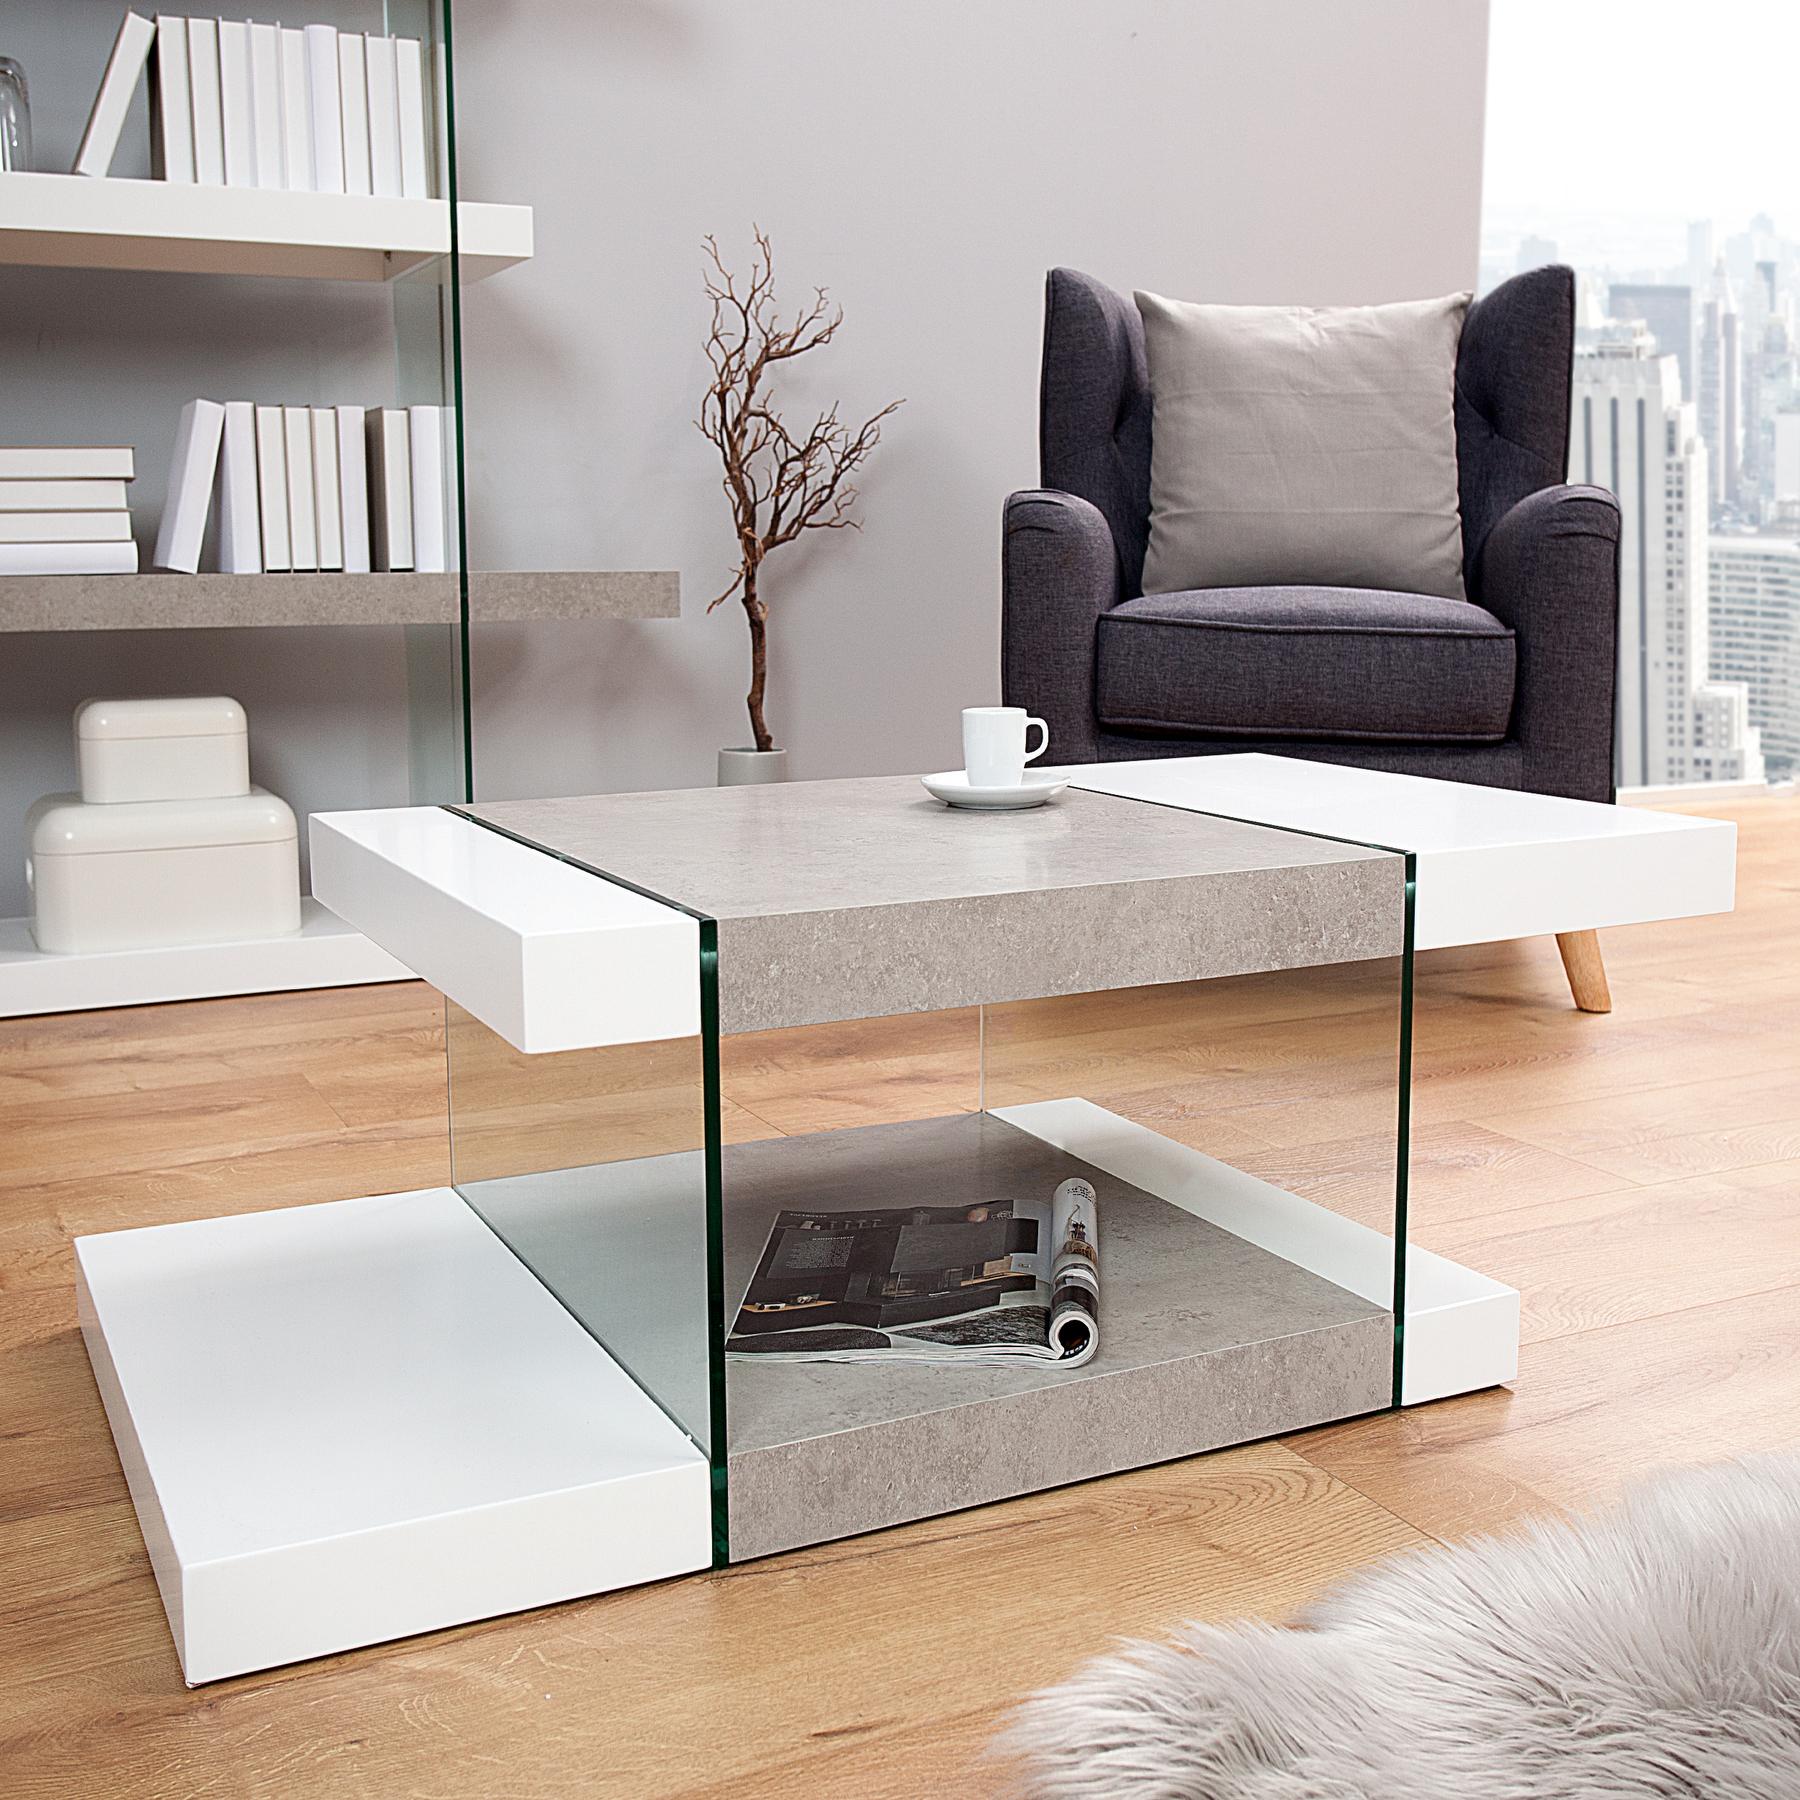 design couchtisch onyx 110 cm edelmatt wei beton optik beistelltisch tisch ebay. Black Bedroom Furniture Sets. Home Design Ideas